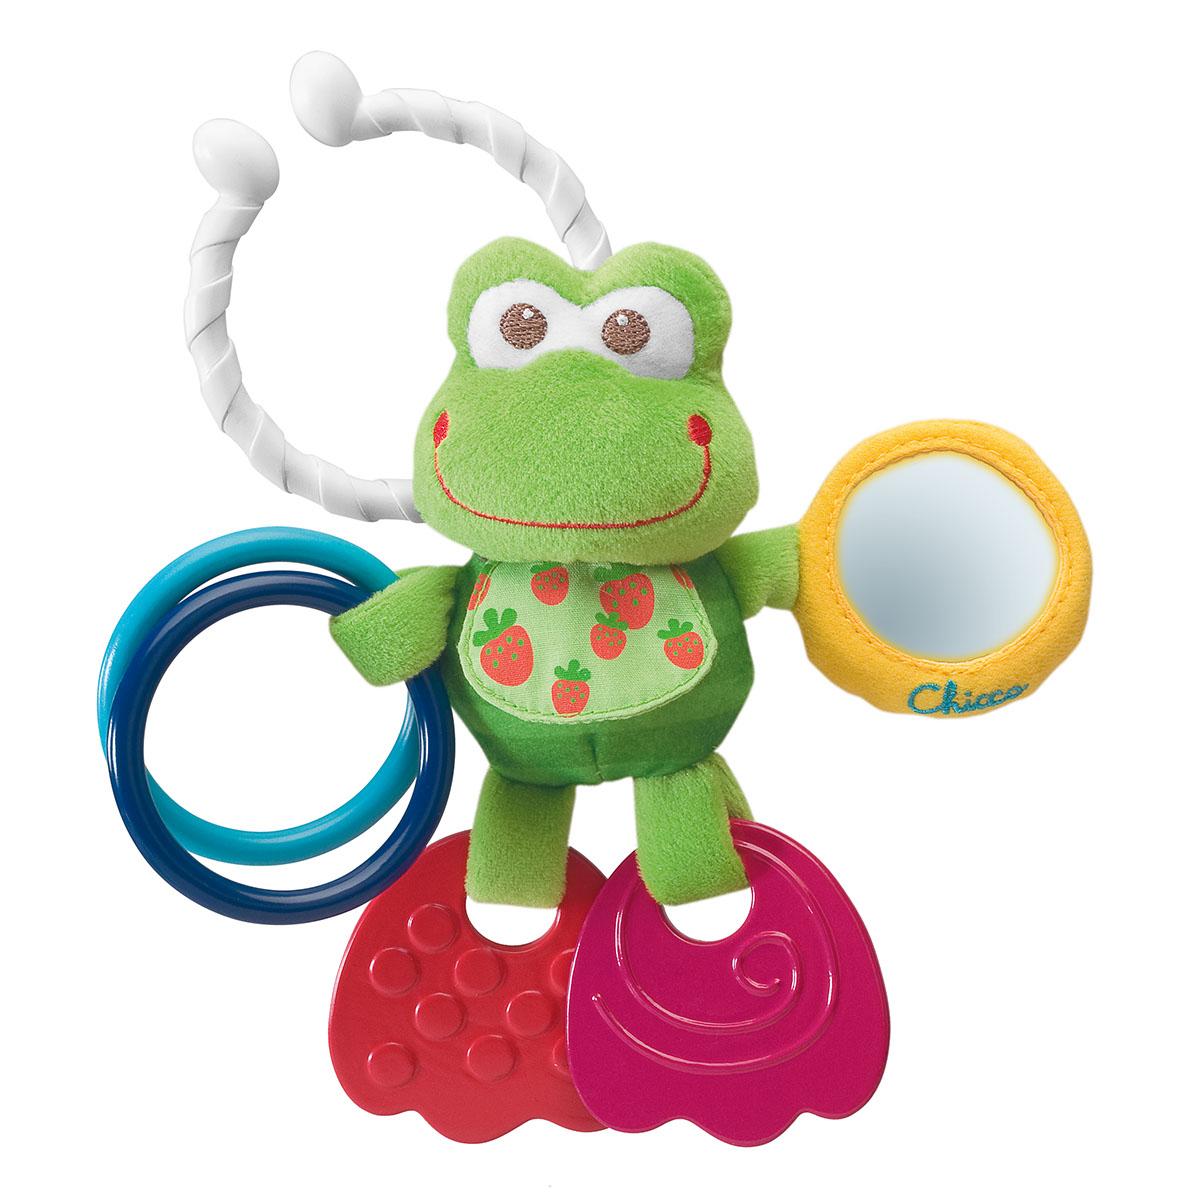 """Развивающая игрушка-подвеска Chicco """"Лягушонок"""" привлечет внимание вашего малыша и не позволит ему скучать! Она выполнена из различных материалов, абсолютно безопасных для ребенка. Две лапки лягушонка являются прорезывателями, которые помогут малышу снять неприятные ощущения при появлении первых зубов. В одной из лапок он держит два пластиковых колечка .в другой - круглое безопасное зеркальце. С помощью кольца игрушку можно повесить на коляску, кресло или игровую дугу малыша. Игрушка """"Лягушонок"""" поможет малышу развить цветовое и звуковое восприятие, мелкую моторику рук и координацию движений."""